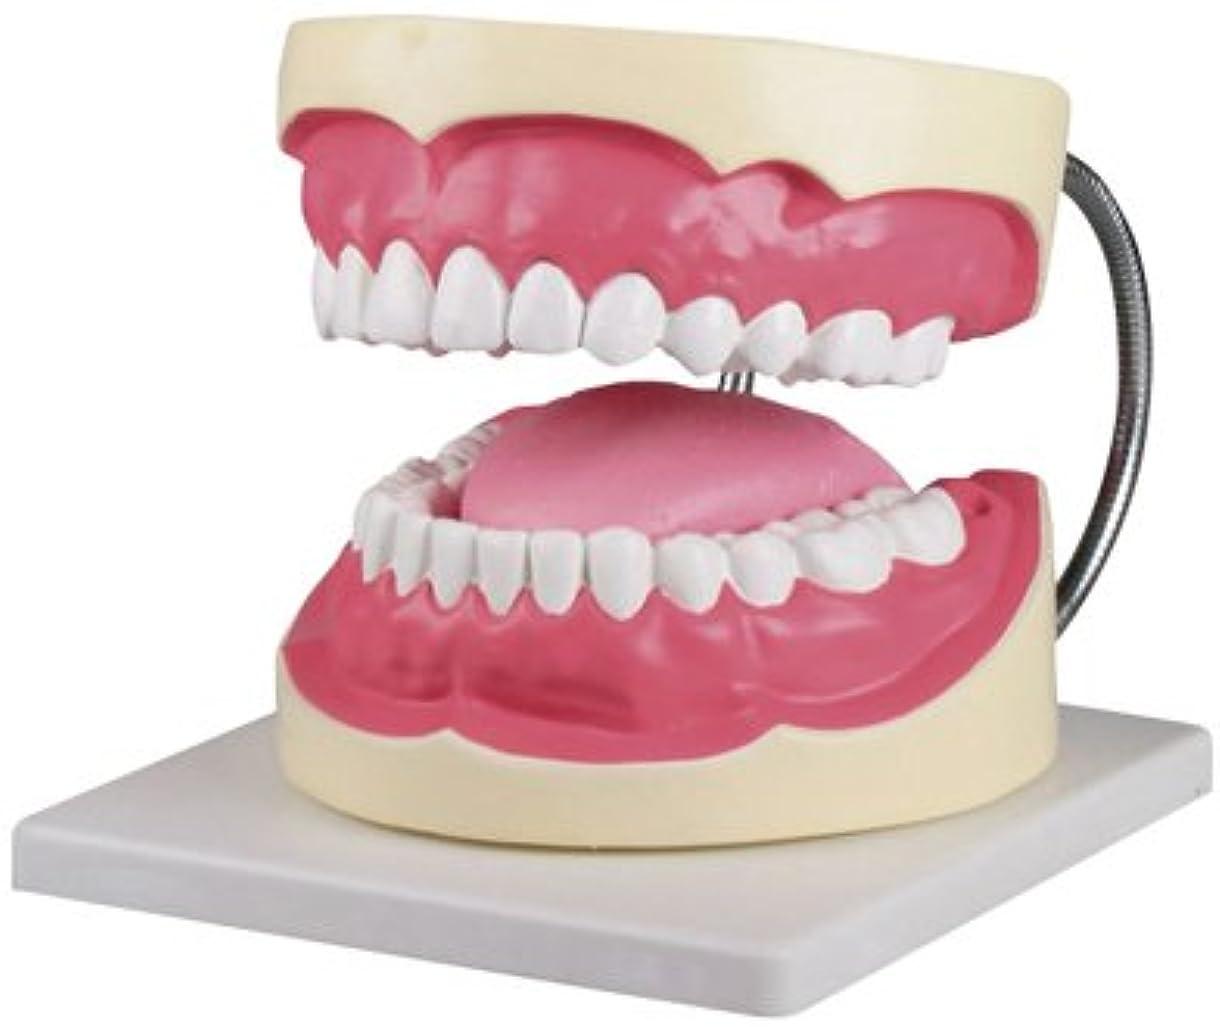 プレビスサイト比類なき拒絶歯磨き(口腔ケア)指導模型3倍大 D216 ?????(??????)???????(24-6839-01)【エルラージーマー社】[1個単位]